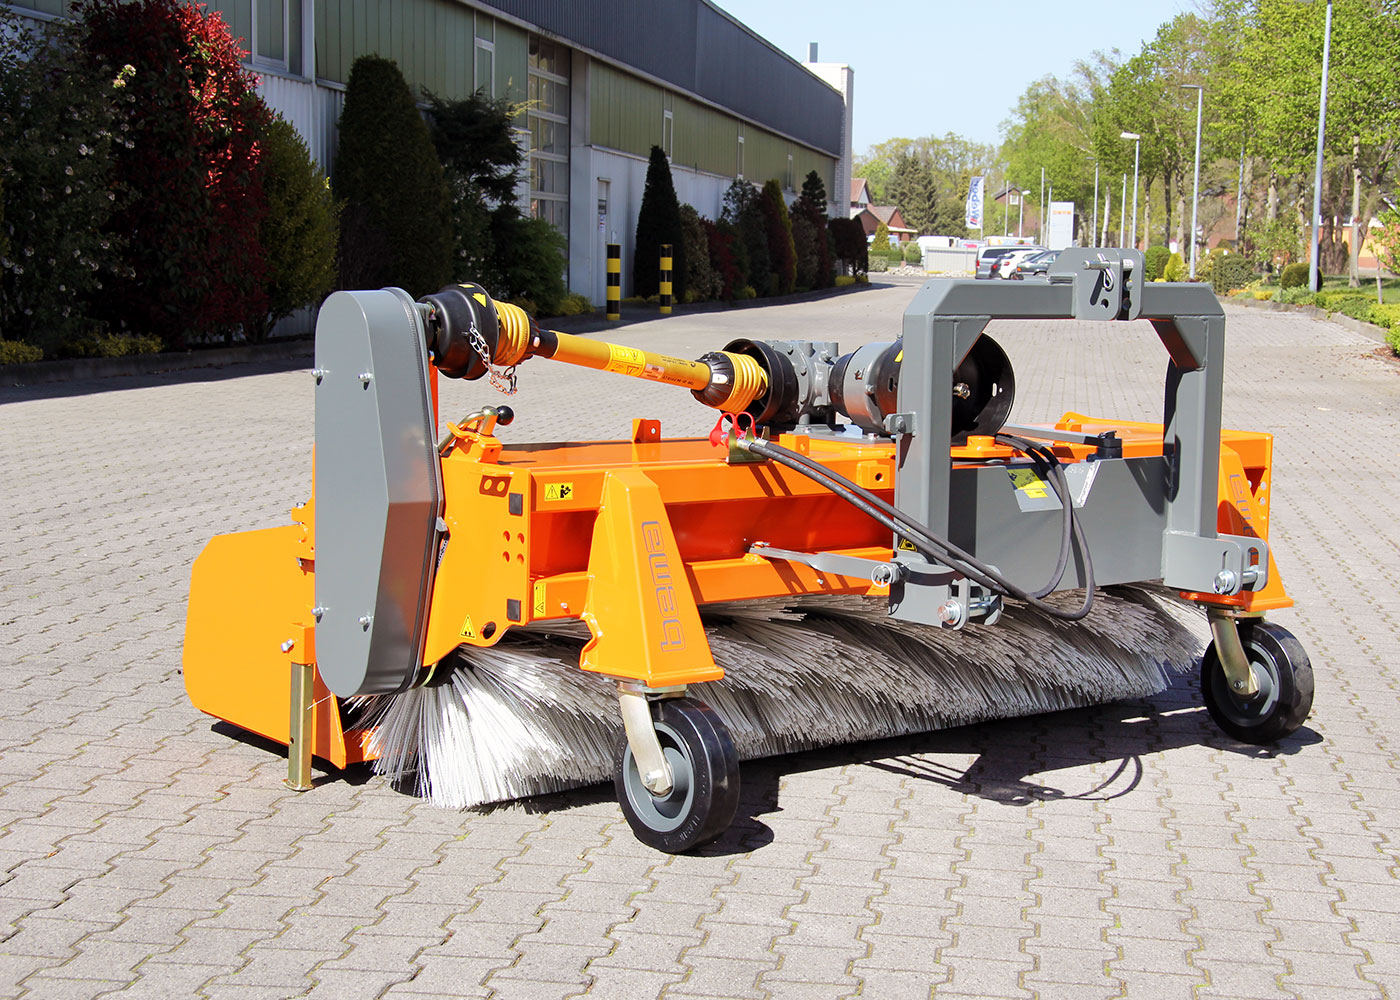 200421_bema_35_Dual_PowerMaster_Wechselgetriebe_033_web.jpg